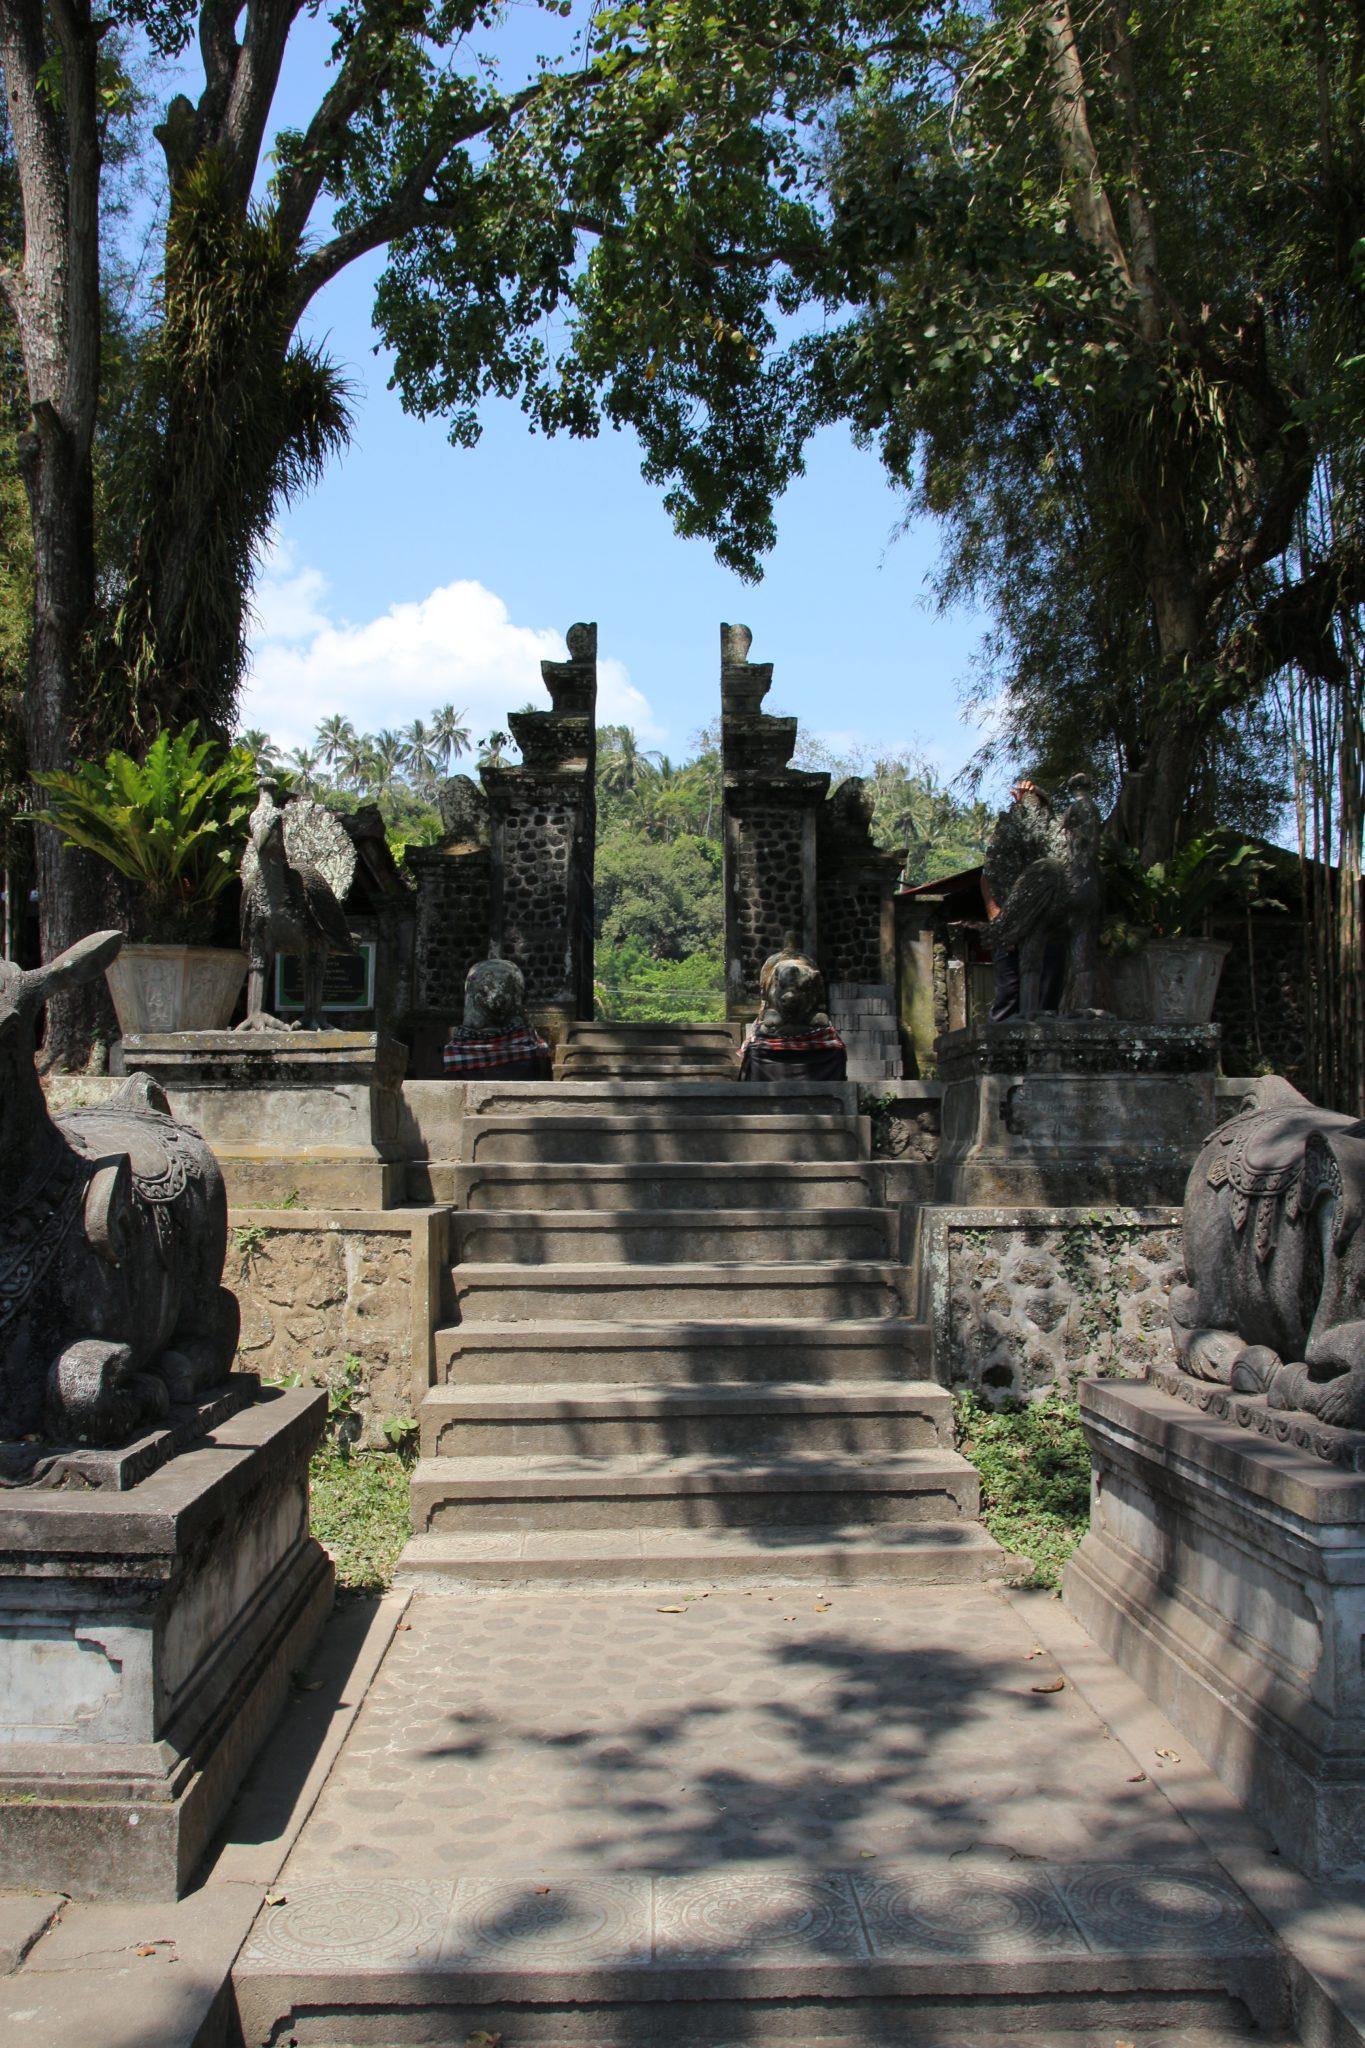 Entrance to Tirta Gangga Water Palace, Bali